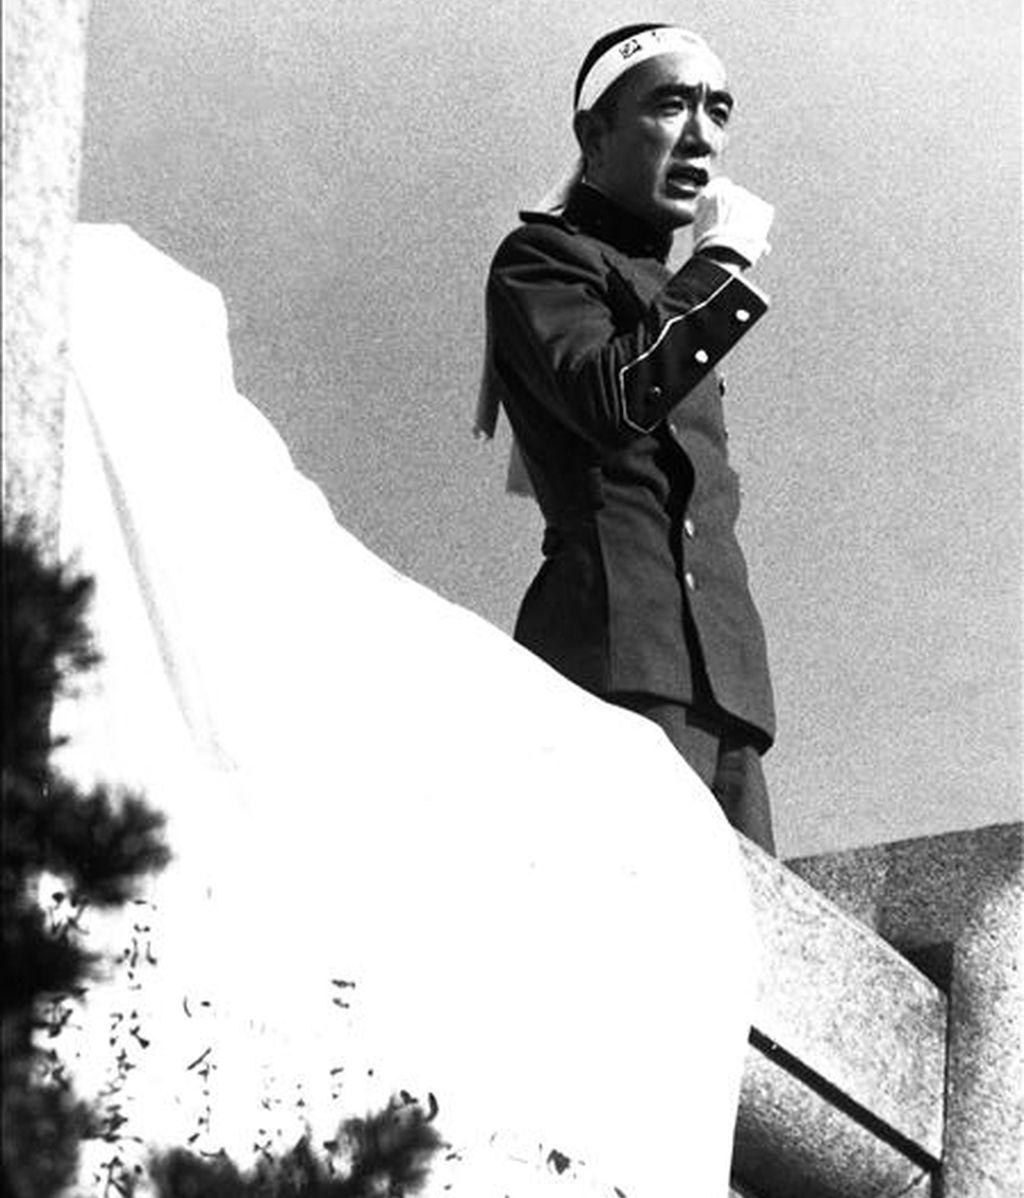 """Fotografía fechada en Tokio, el 25 de noviembre de 1970, del novelista japonéas, Yukio Mishima dirige la palabra a los miembros de la Fuerza de Defensa, dependiente del Ejército Oriental, en el Cuartel de Ichigaya, poco antes de que él y su seguidor Hisso Morita, se hicieran el """"harakiri"""". EFE/Archivo"""